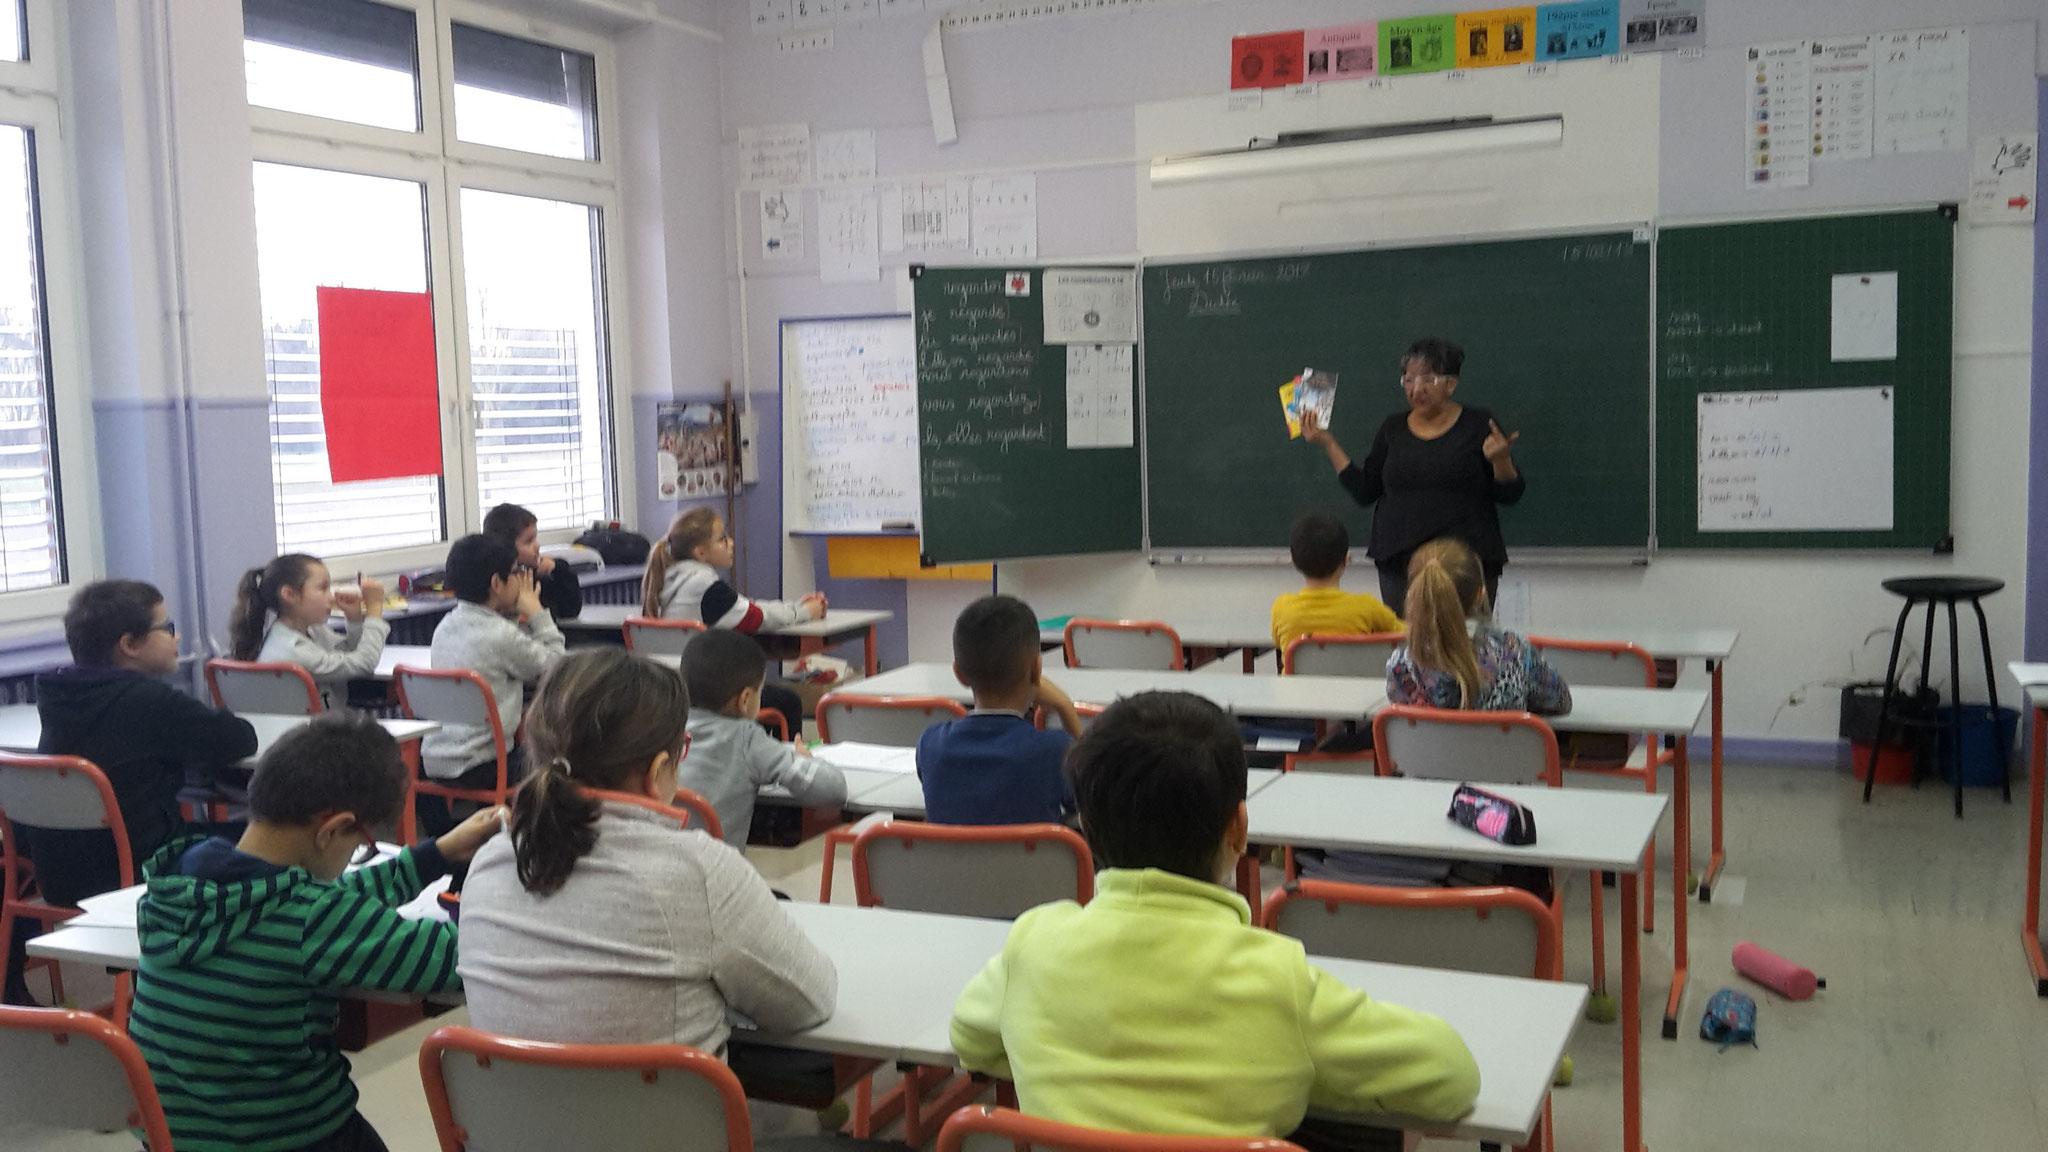 Ecole primaire Marie curie débat